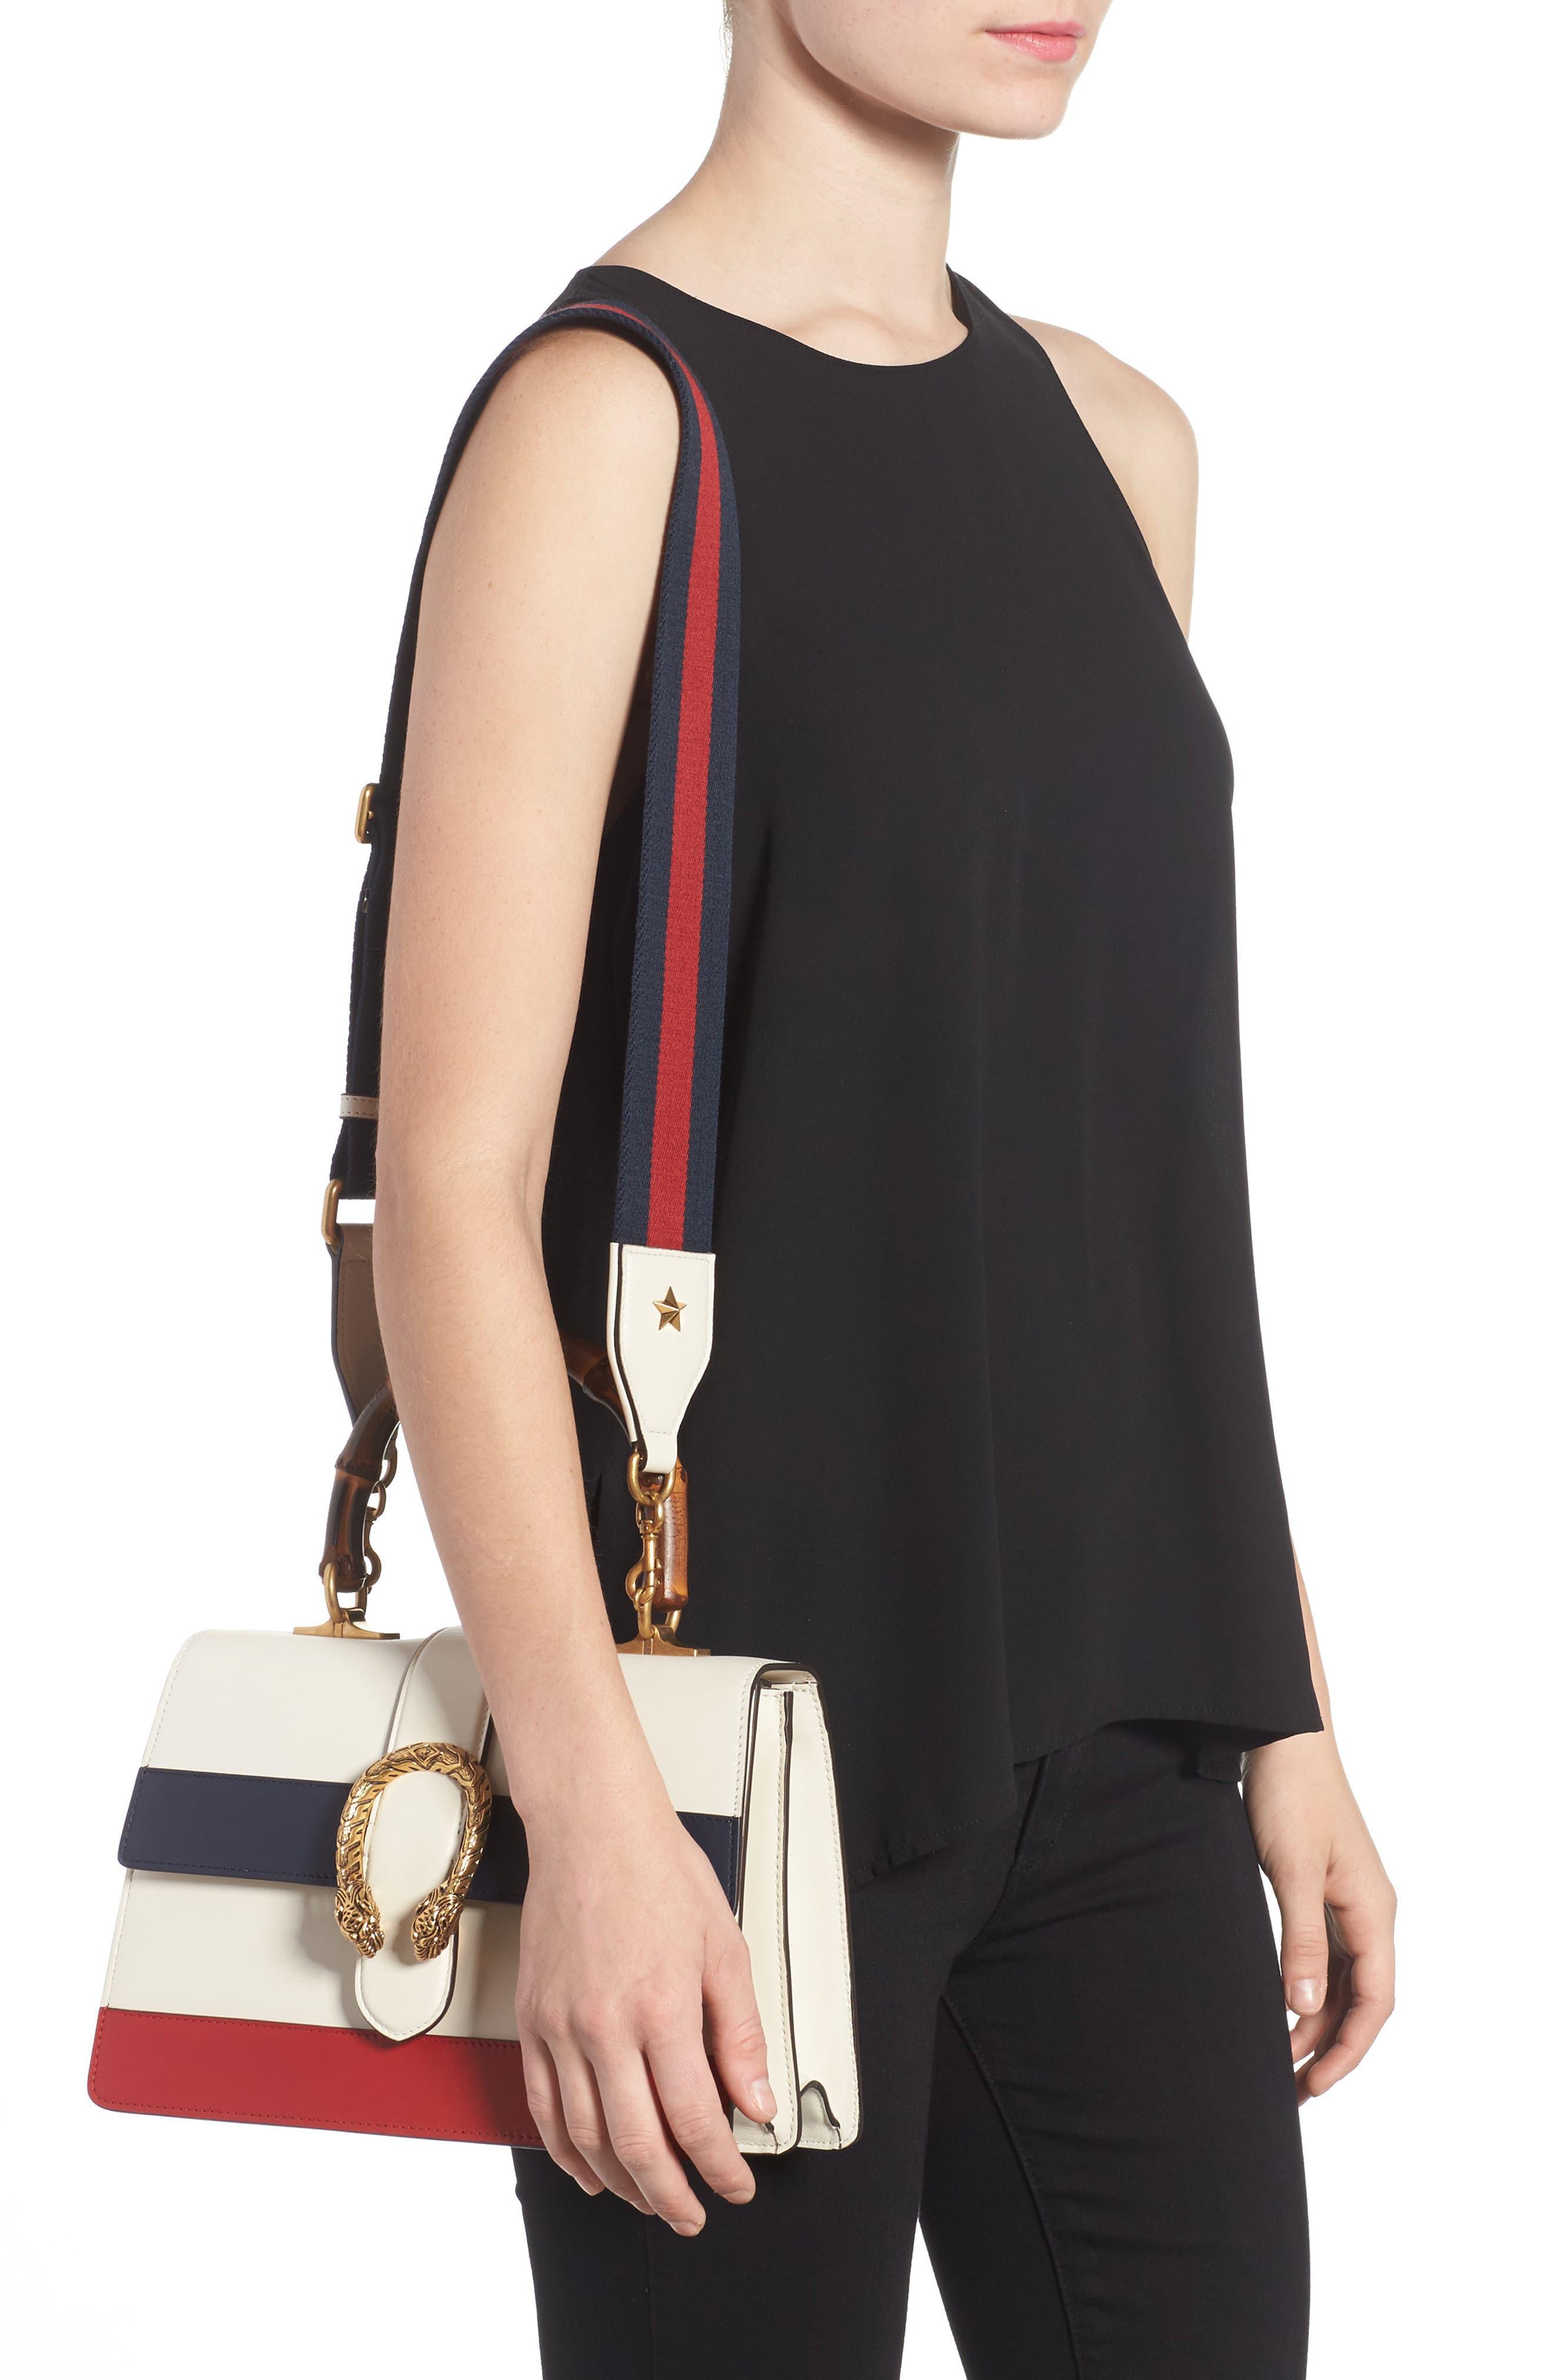 7f870c5247e3 $3,000 – $5,000 Gucci for Women | Nordstrom